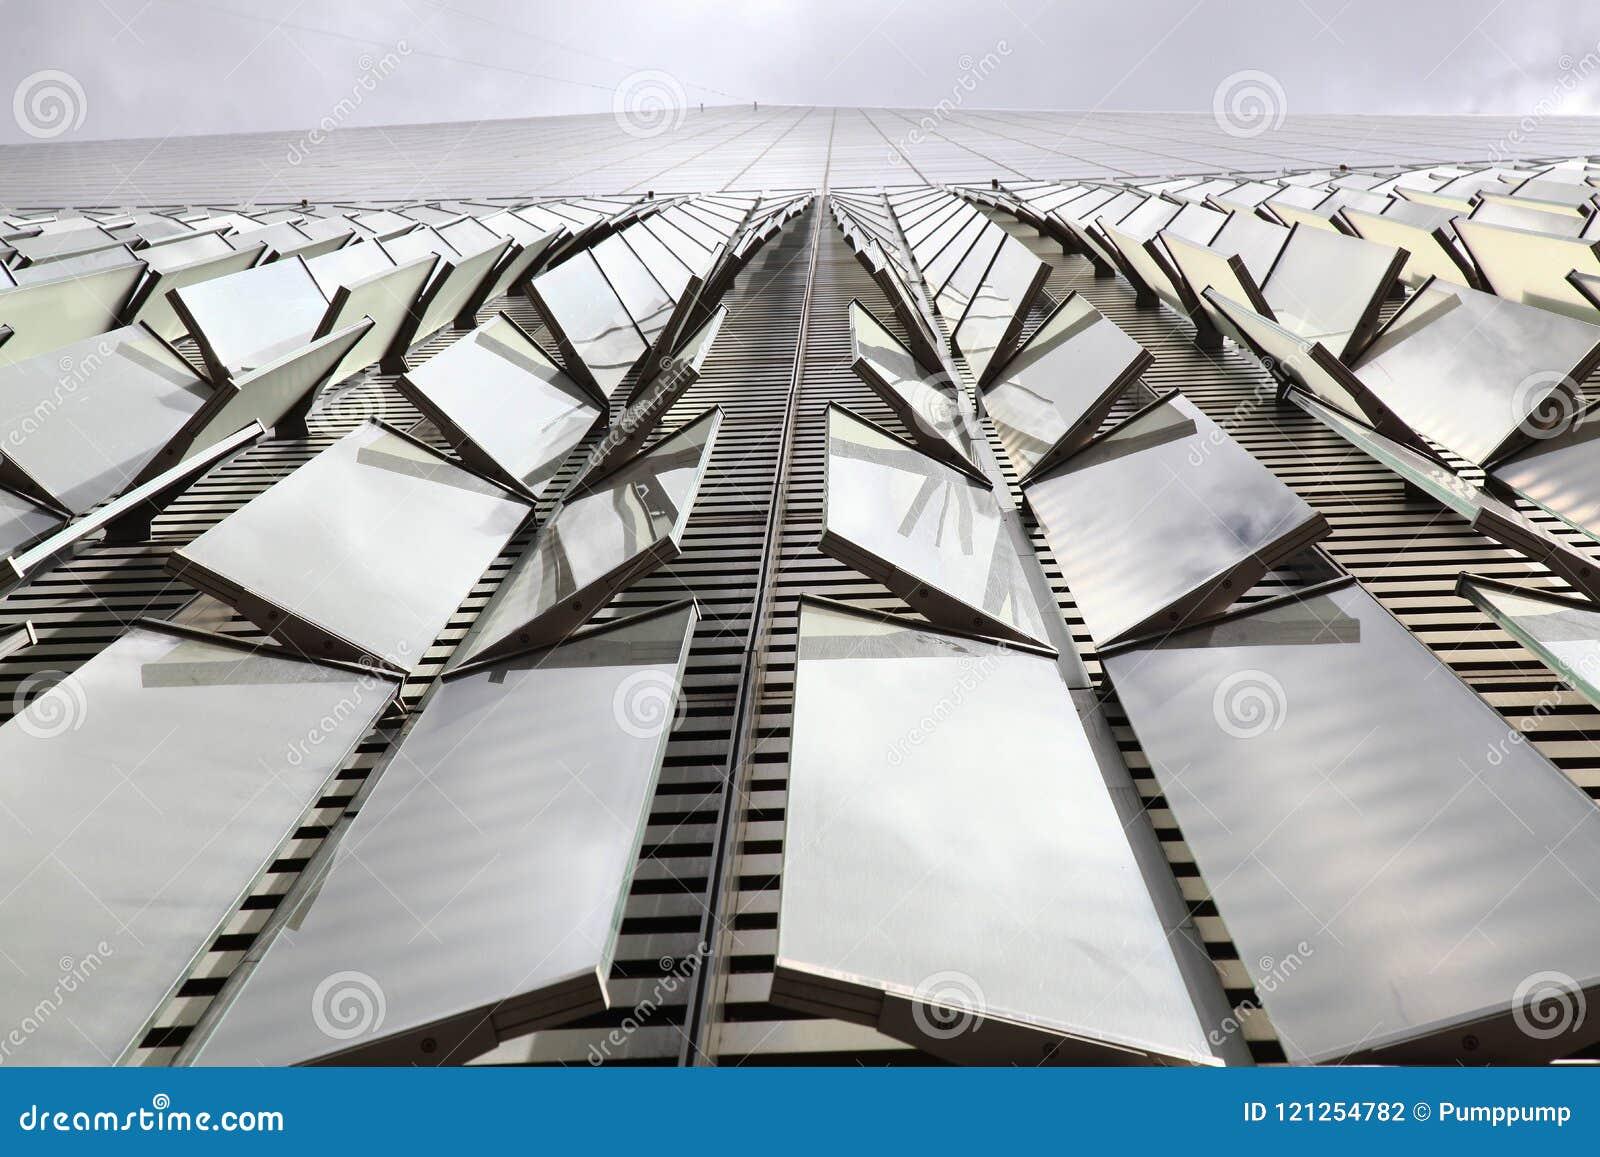 New York City Usa June 16 2018 One World Trade Center Call